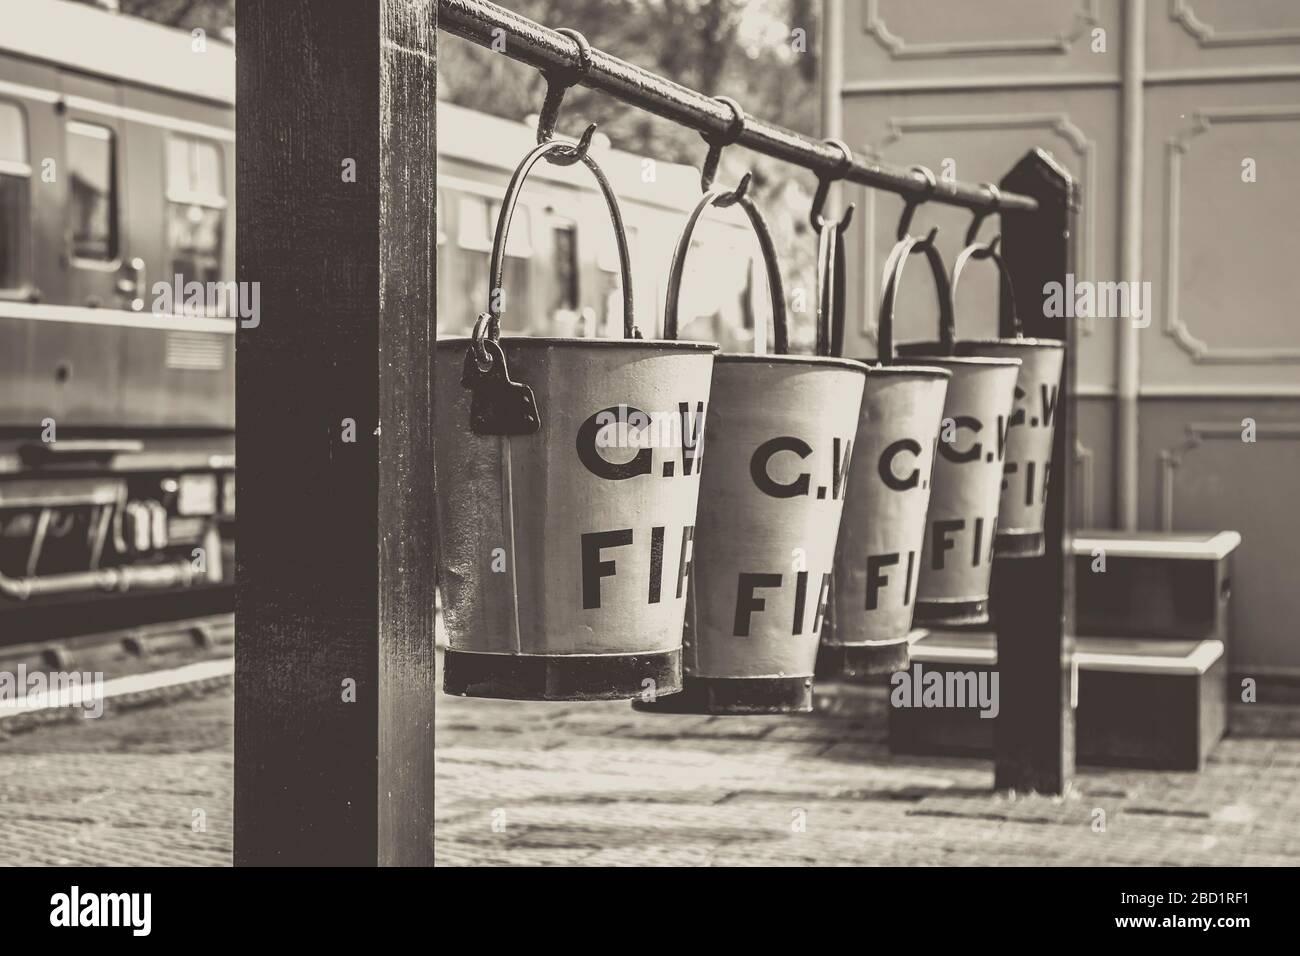 Baldes de fuego negro y blanco añejo colgando en una fila en la plataforma de la estación de tren de época, tren de vapor del valle de Severn. Equipo de lucha contra incendios antiguo. Foto de stock